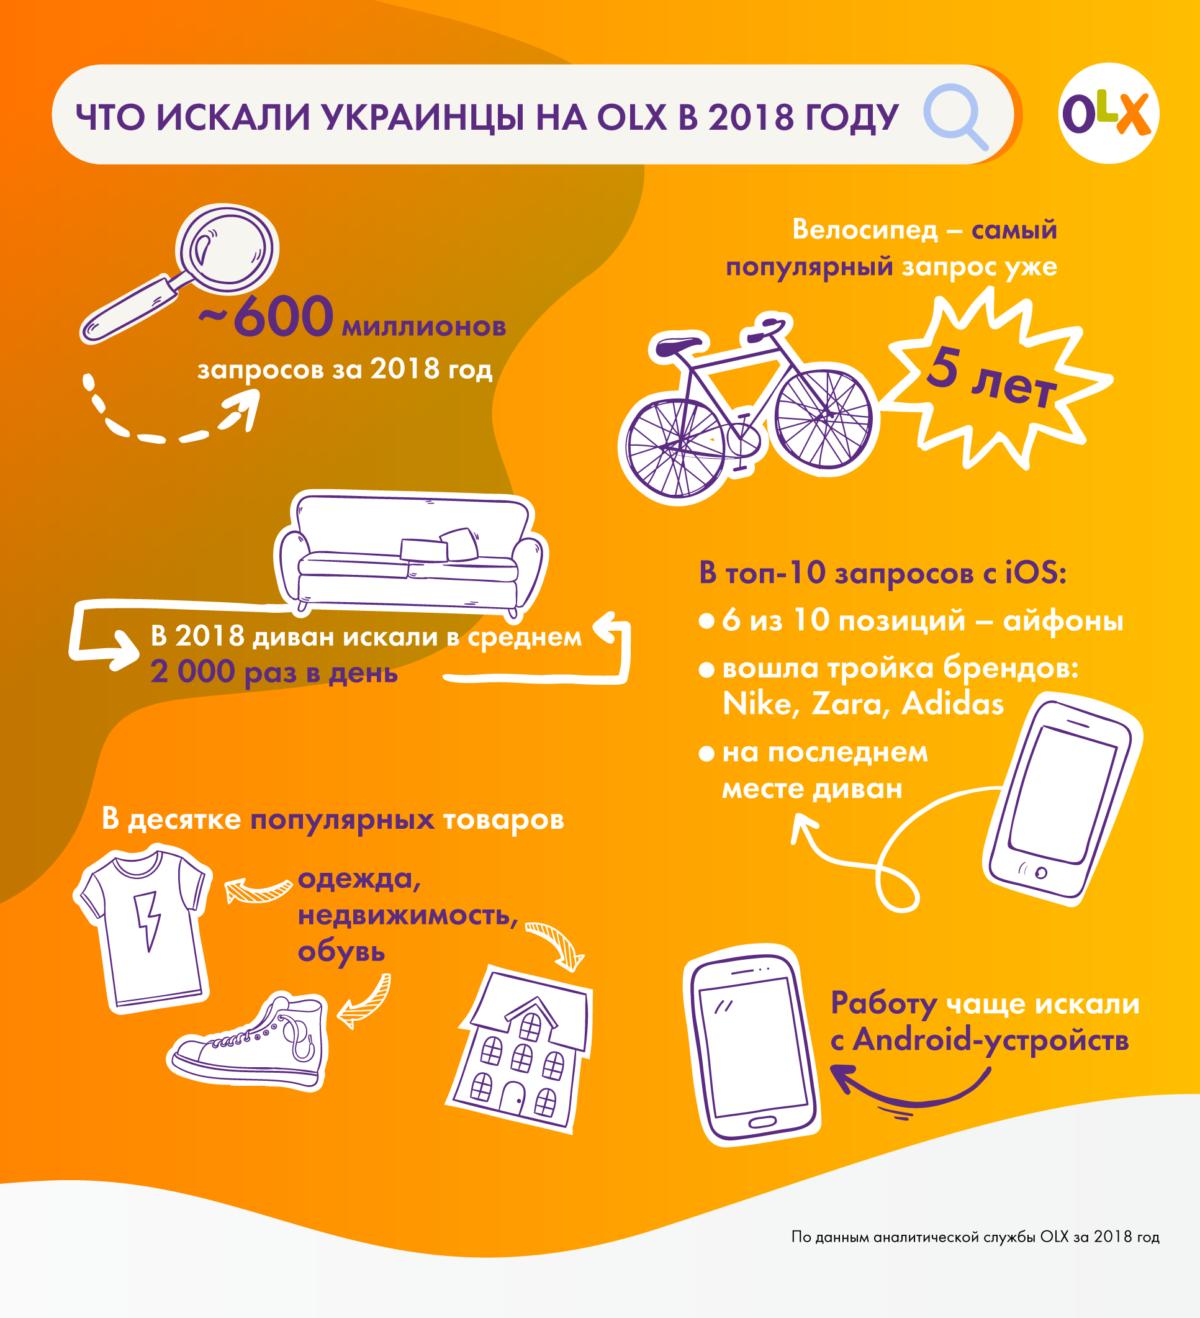 Велосипед и диван: что жители Украины искали больше всего в 2018 году, фото-1